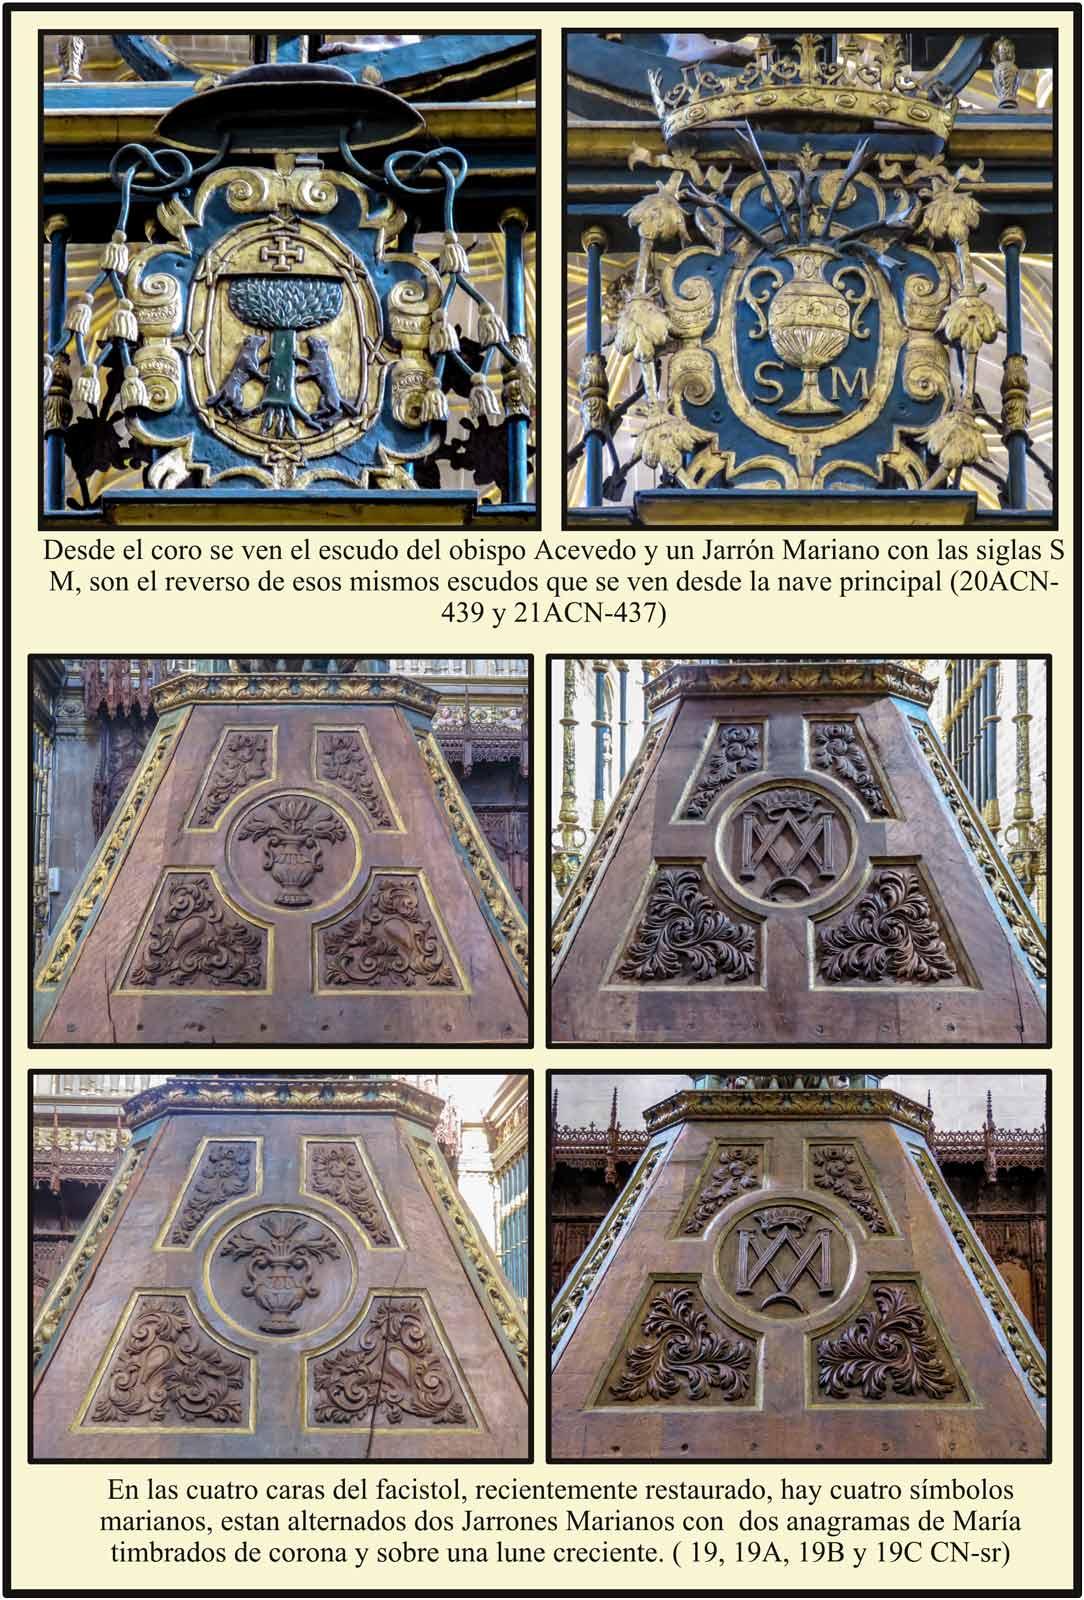 Escudo obispo Acevedo y Jarrón Mariano desde el interior del coro. Anagramas y simbolos marianos en el facistol Plasencia